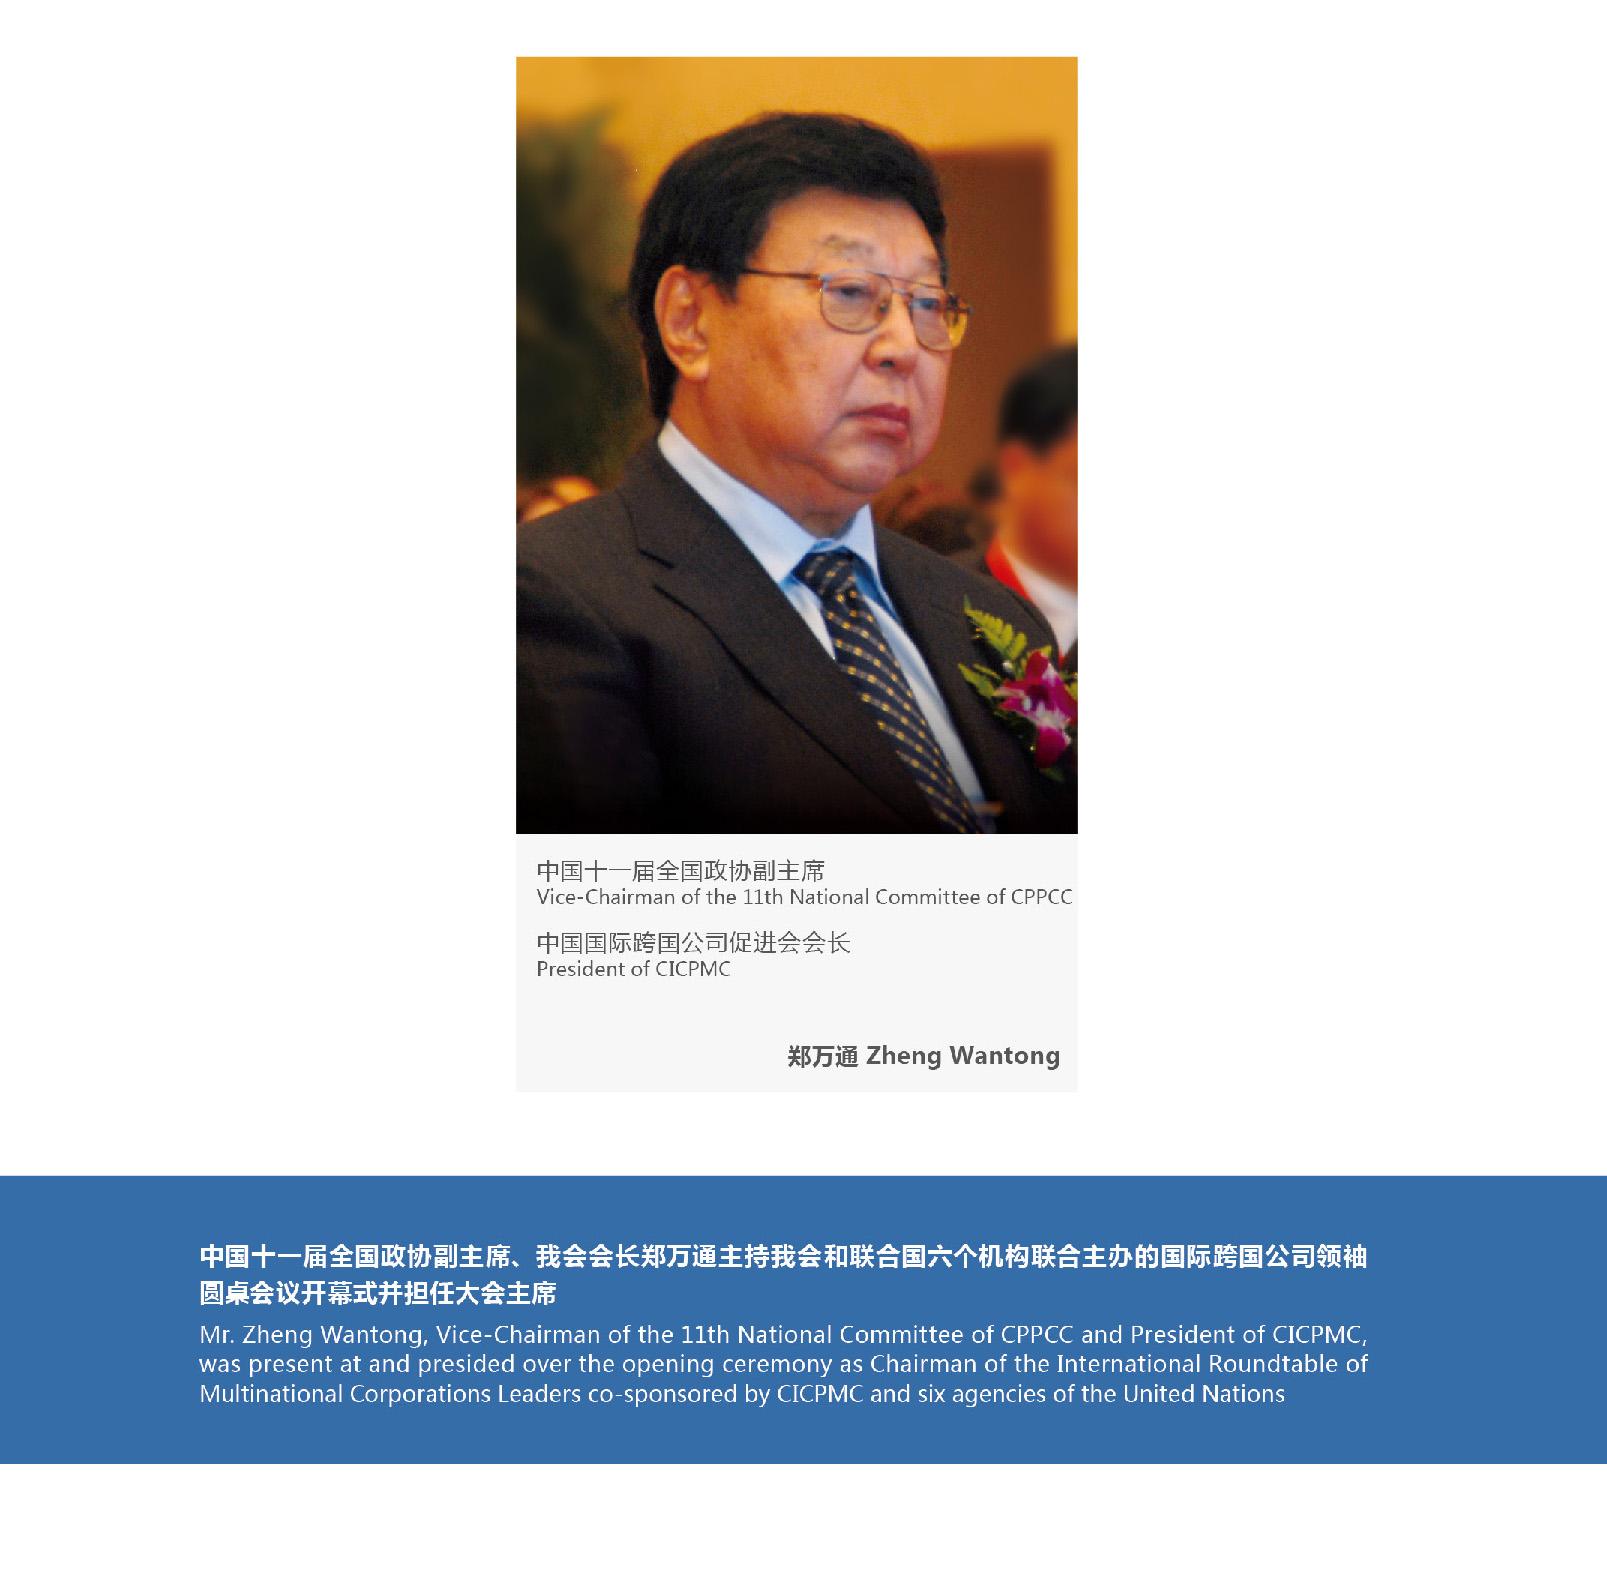 中国十一届全国政协副主席、我会会长郑万通主持我会和联合国六个机构联合主办的国际跨国公司领袖圆桌会议开幕式并担任大会主席